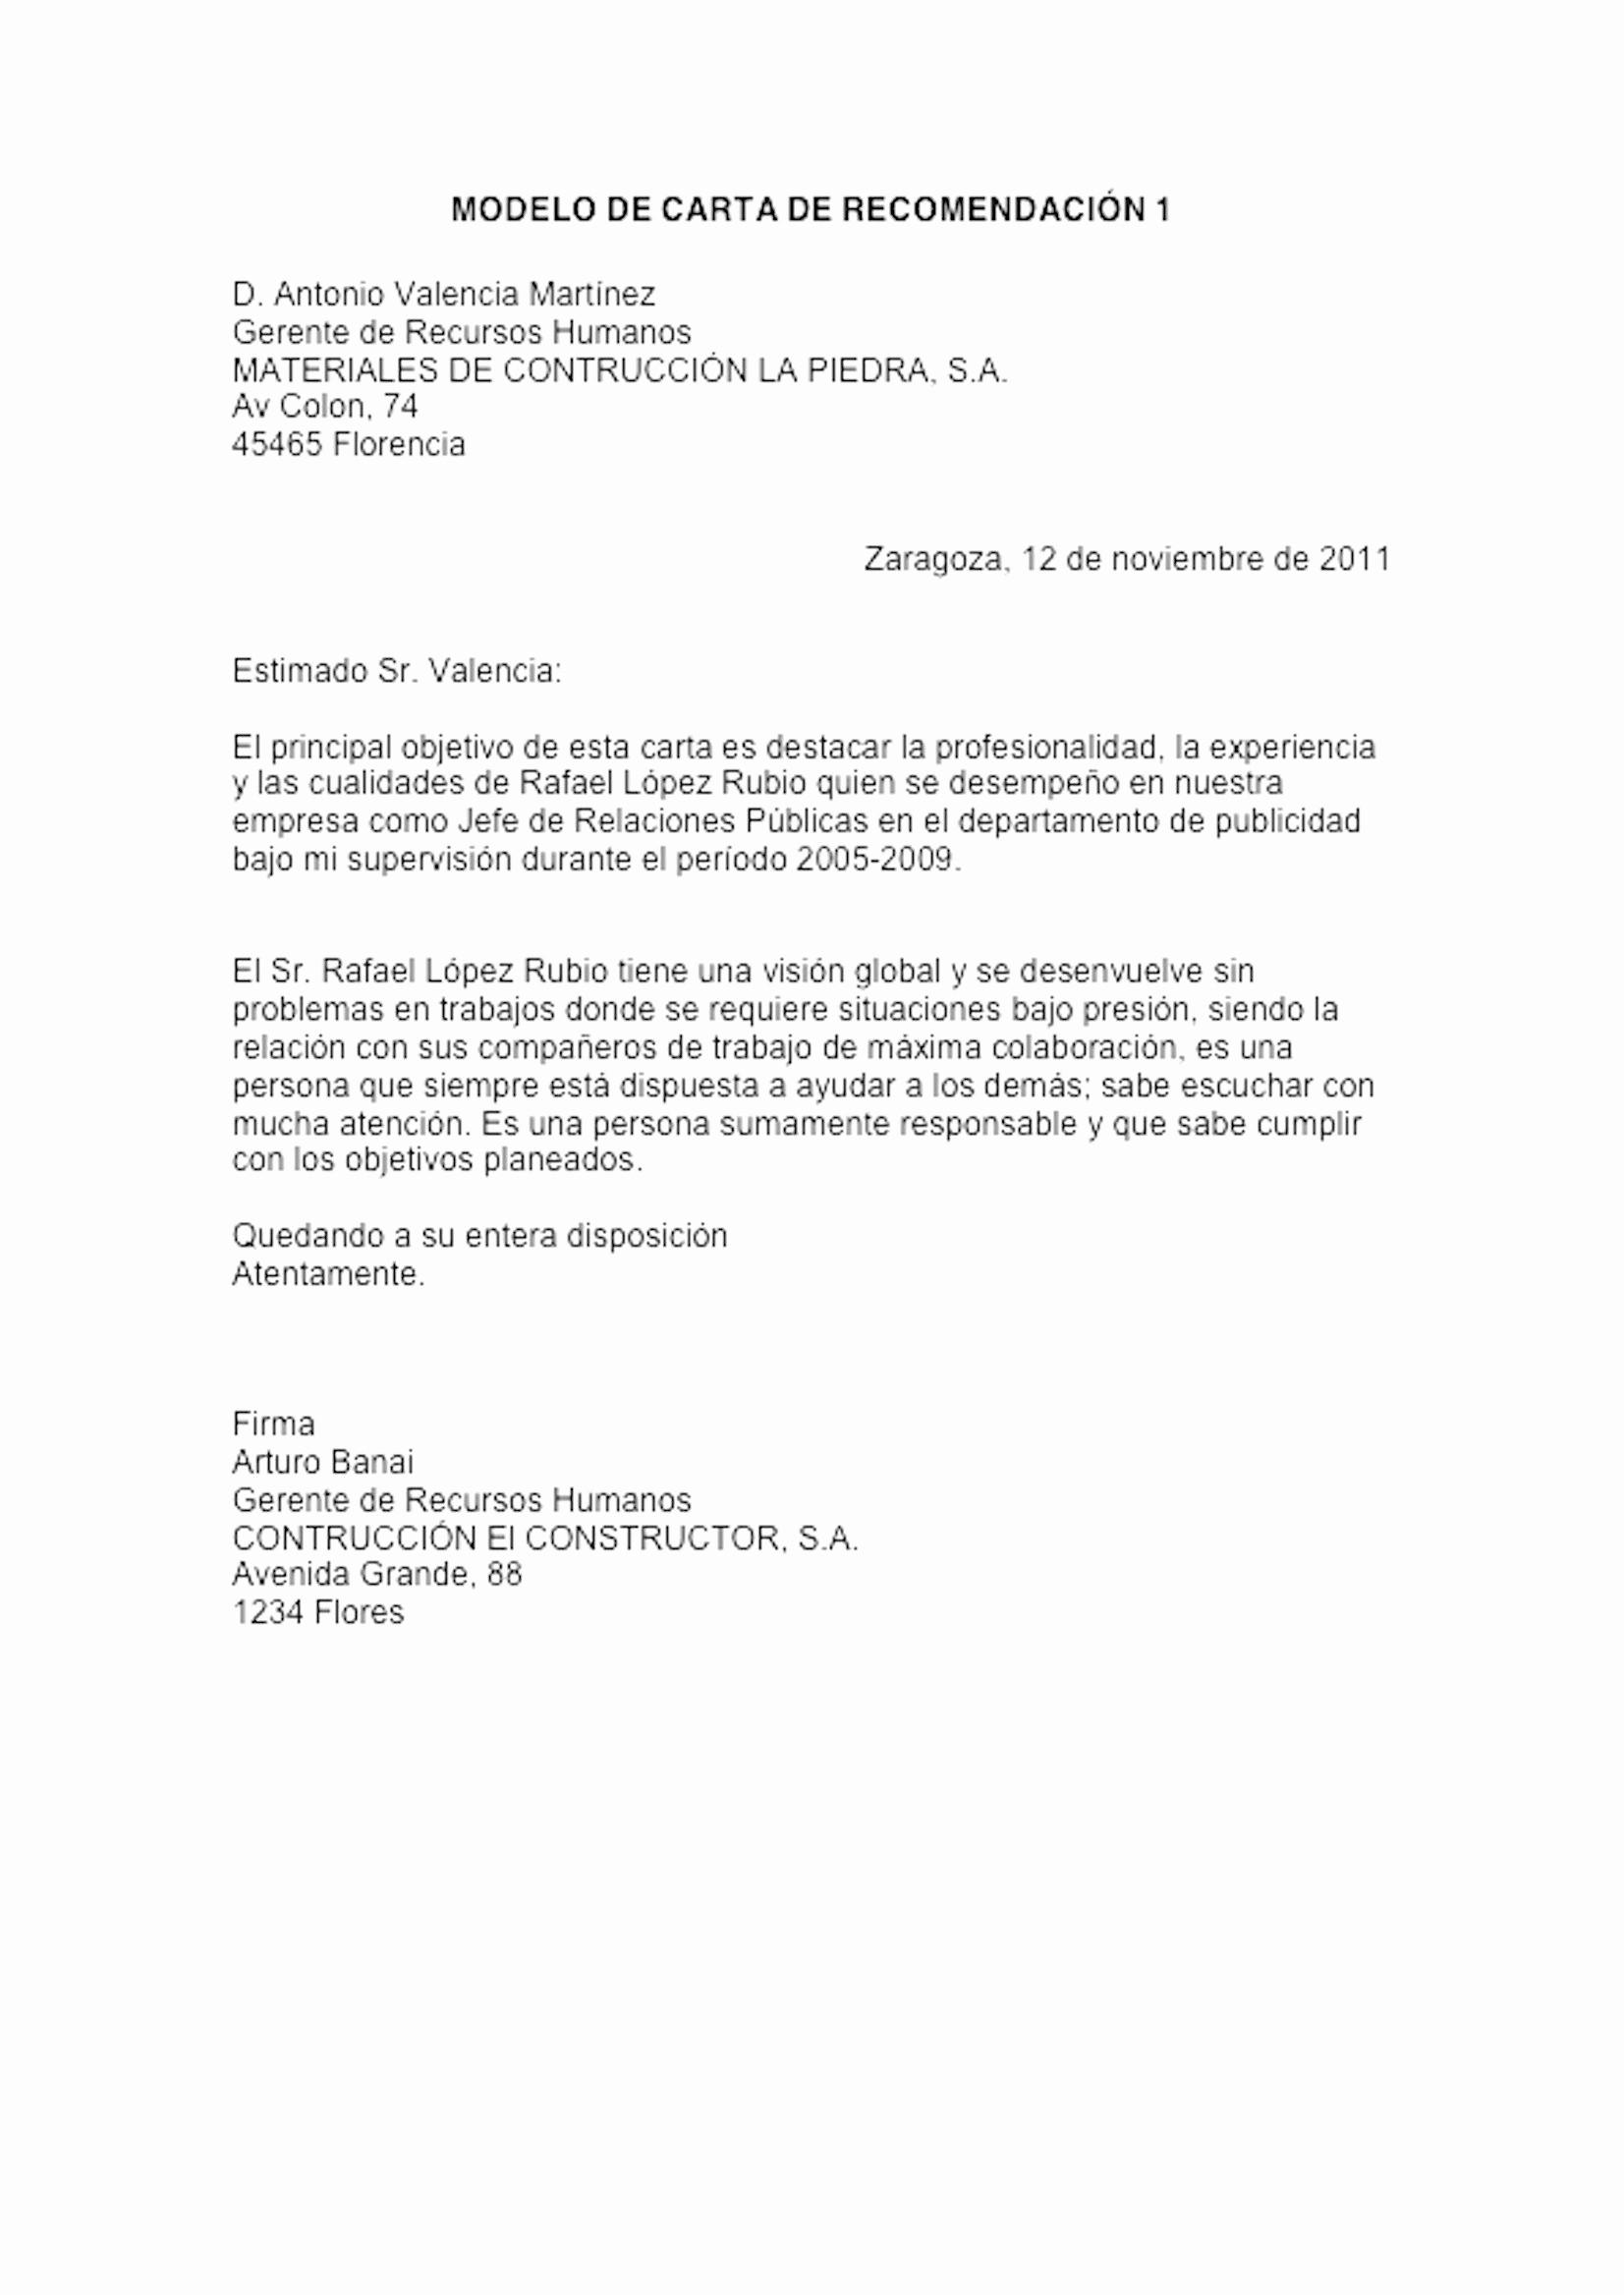 Cartas De Recomendacion Personales Ejemplos Beautiful Resultado De Imagen Para Carta De Re Endacion Machote